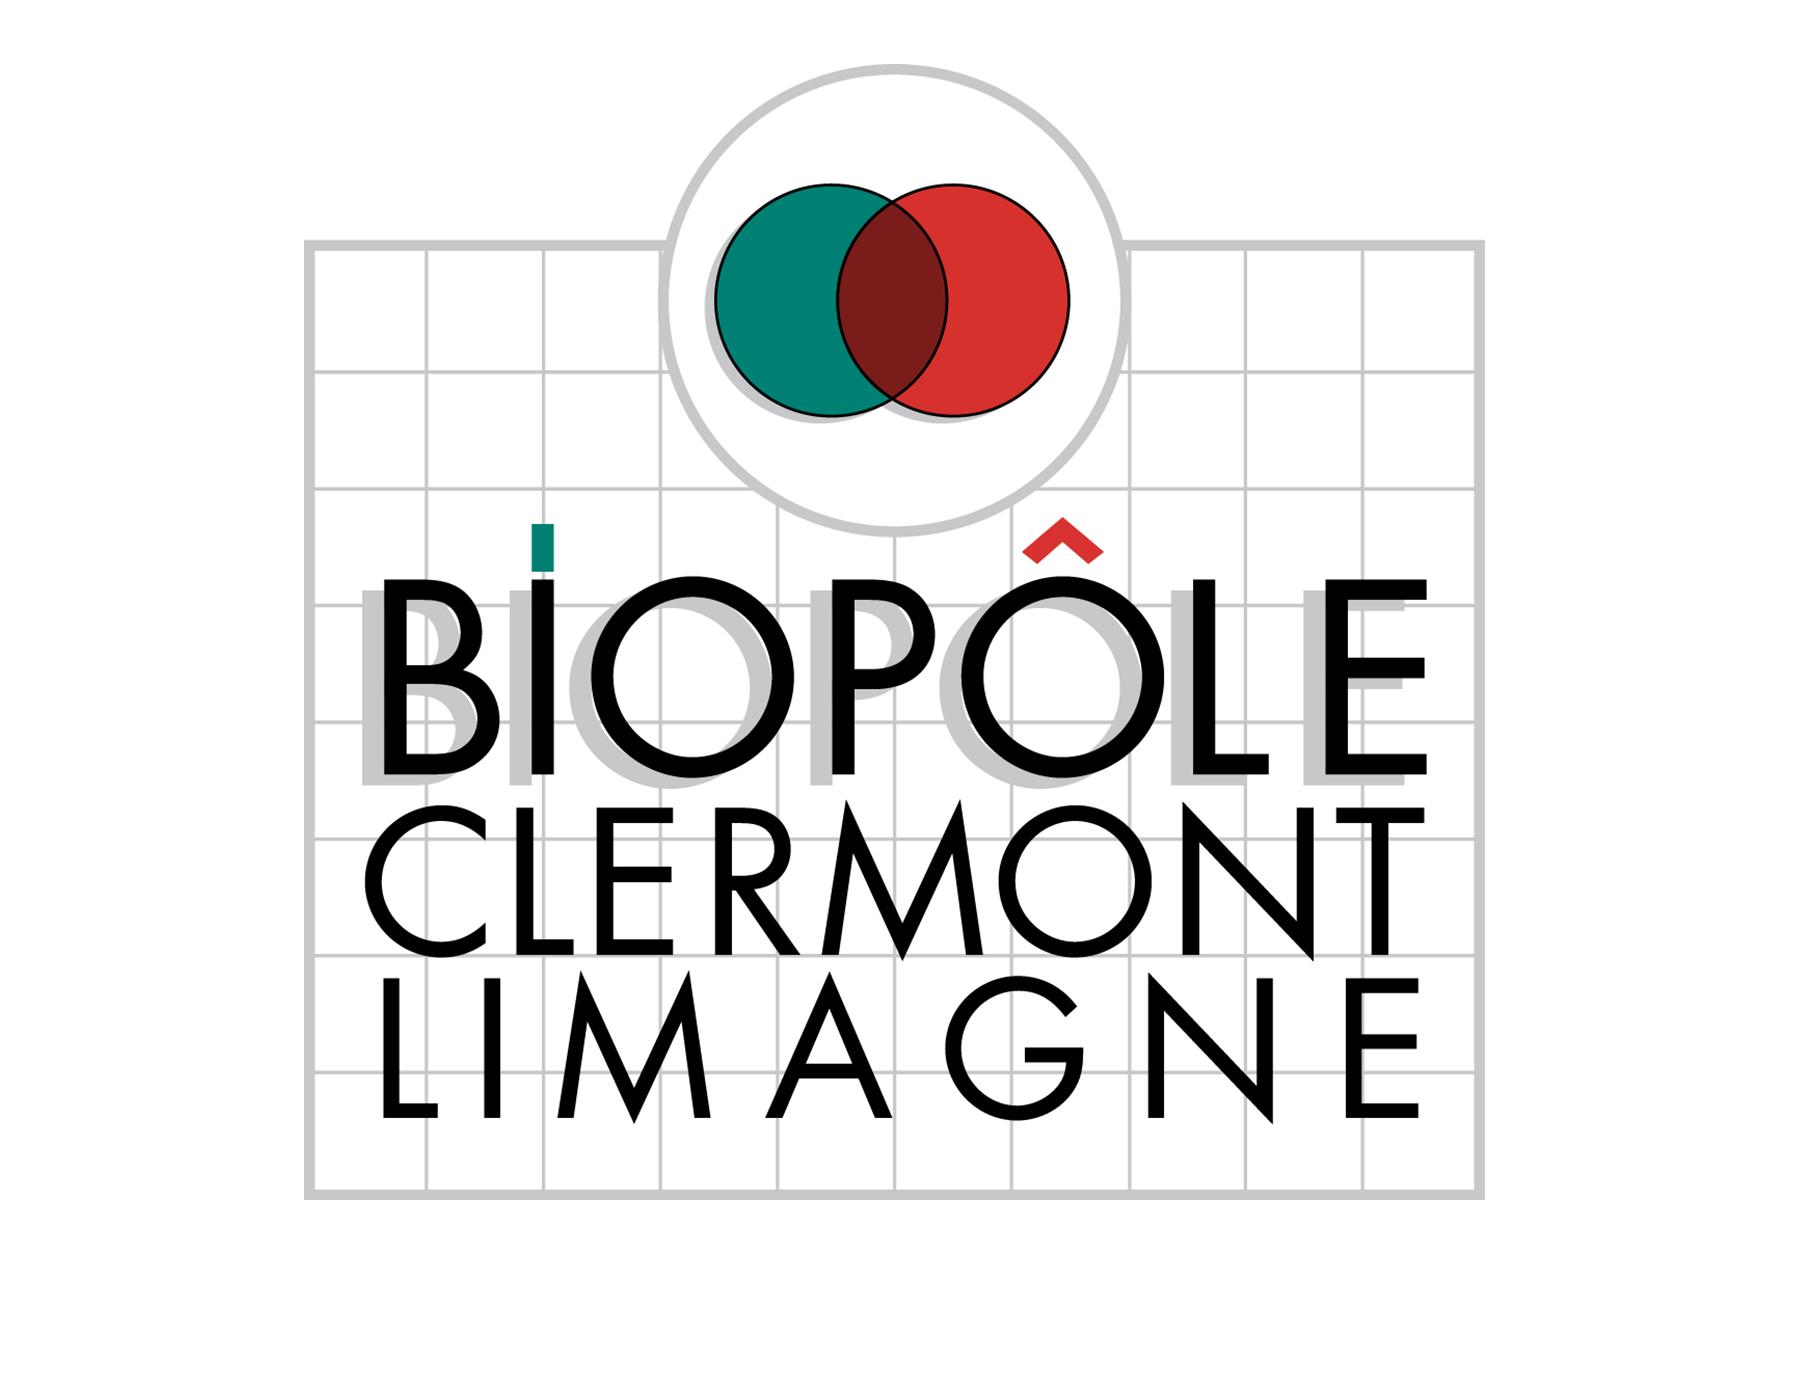 Biopôle Clermont-Limagne